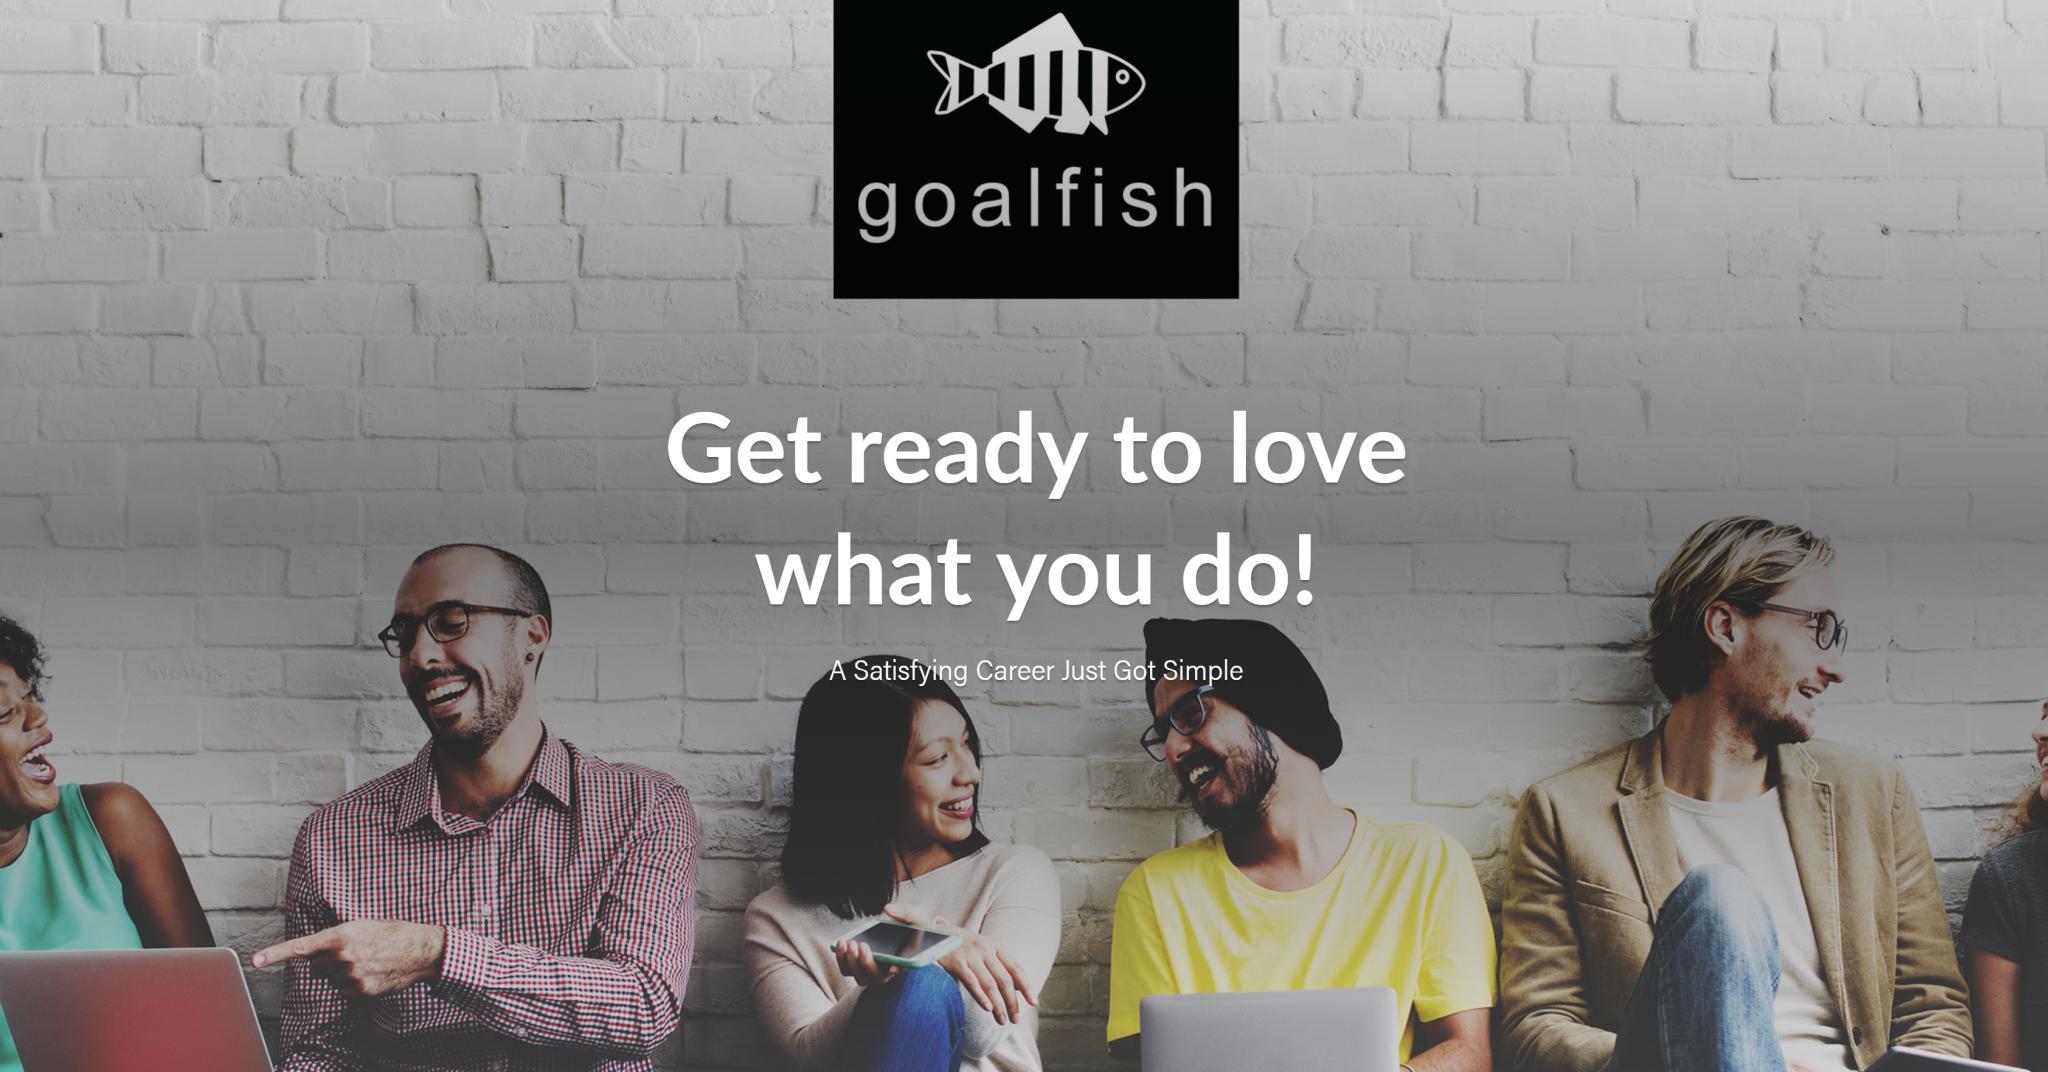 Goalfish